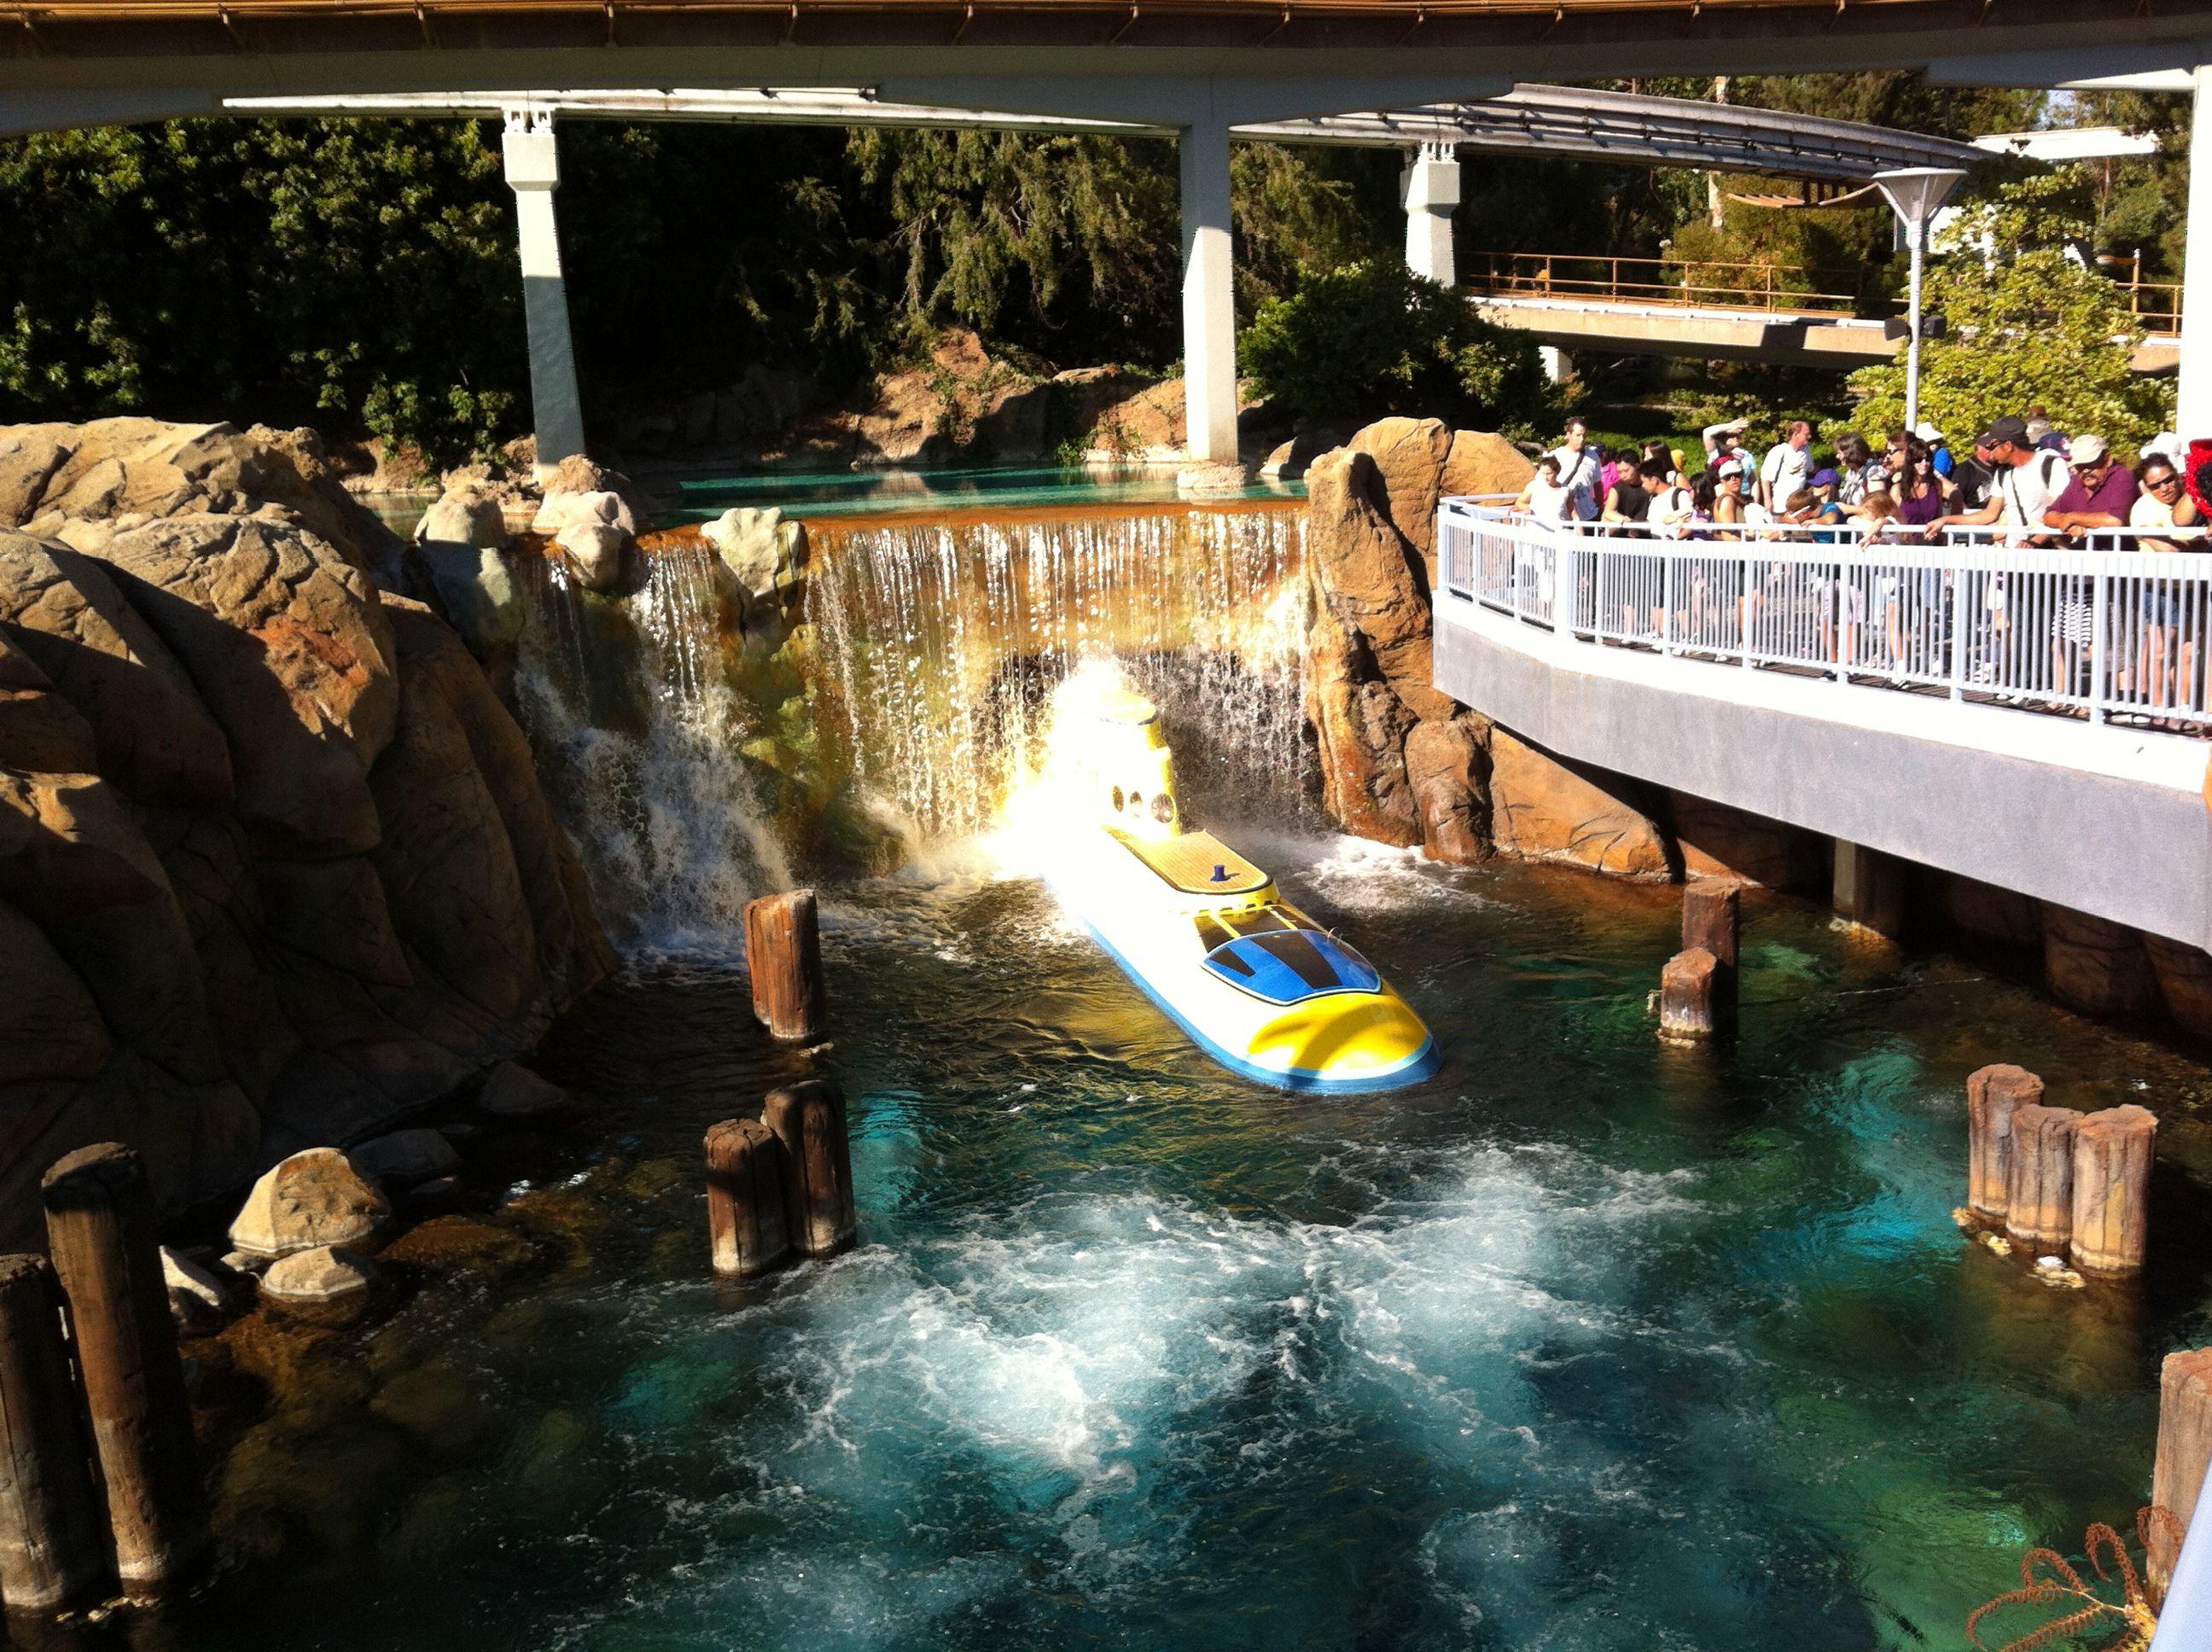 Submarine ride at Disneyland.